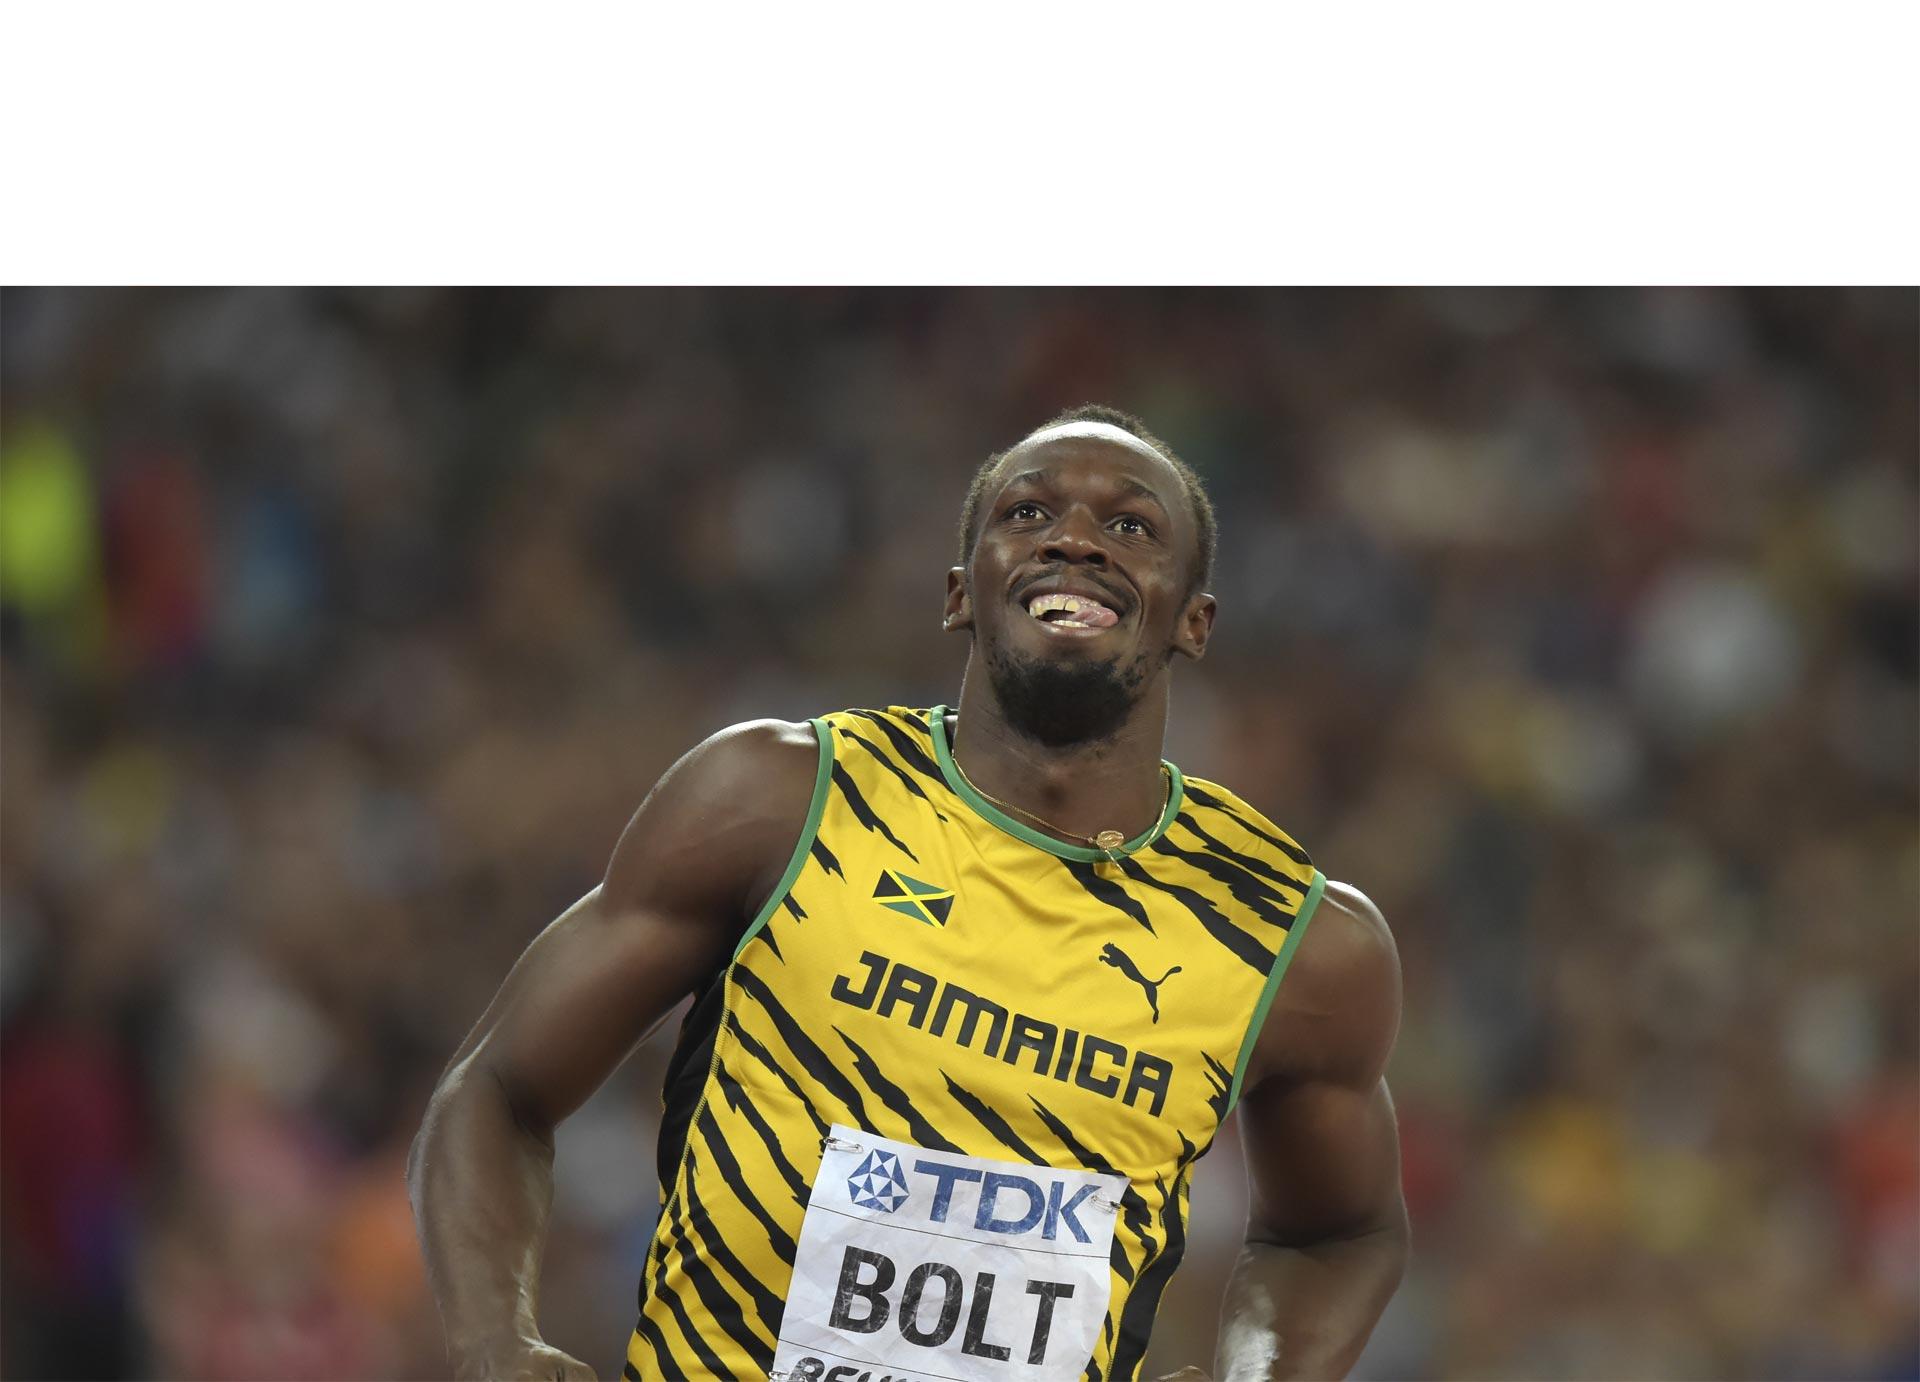 Es el atleta más laureado de la historia de los Mundiales